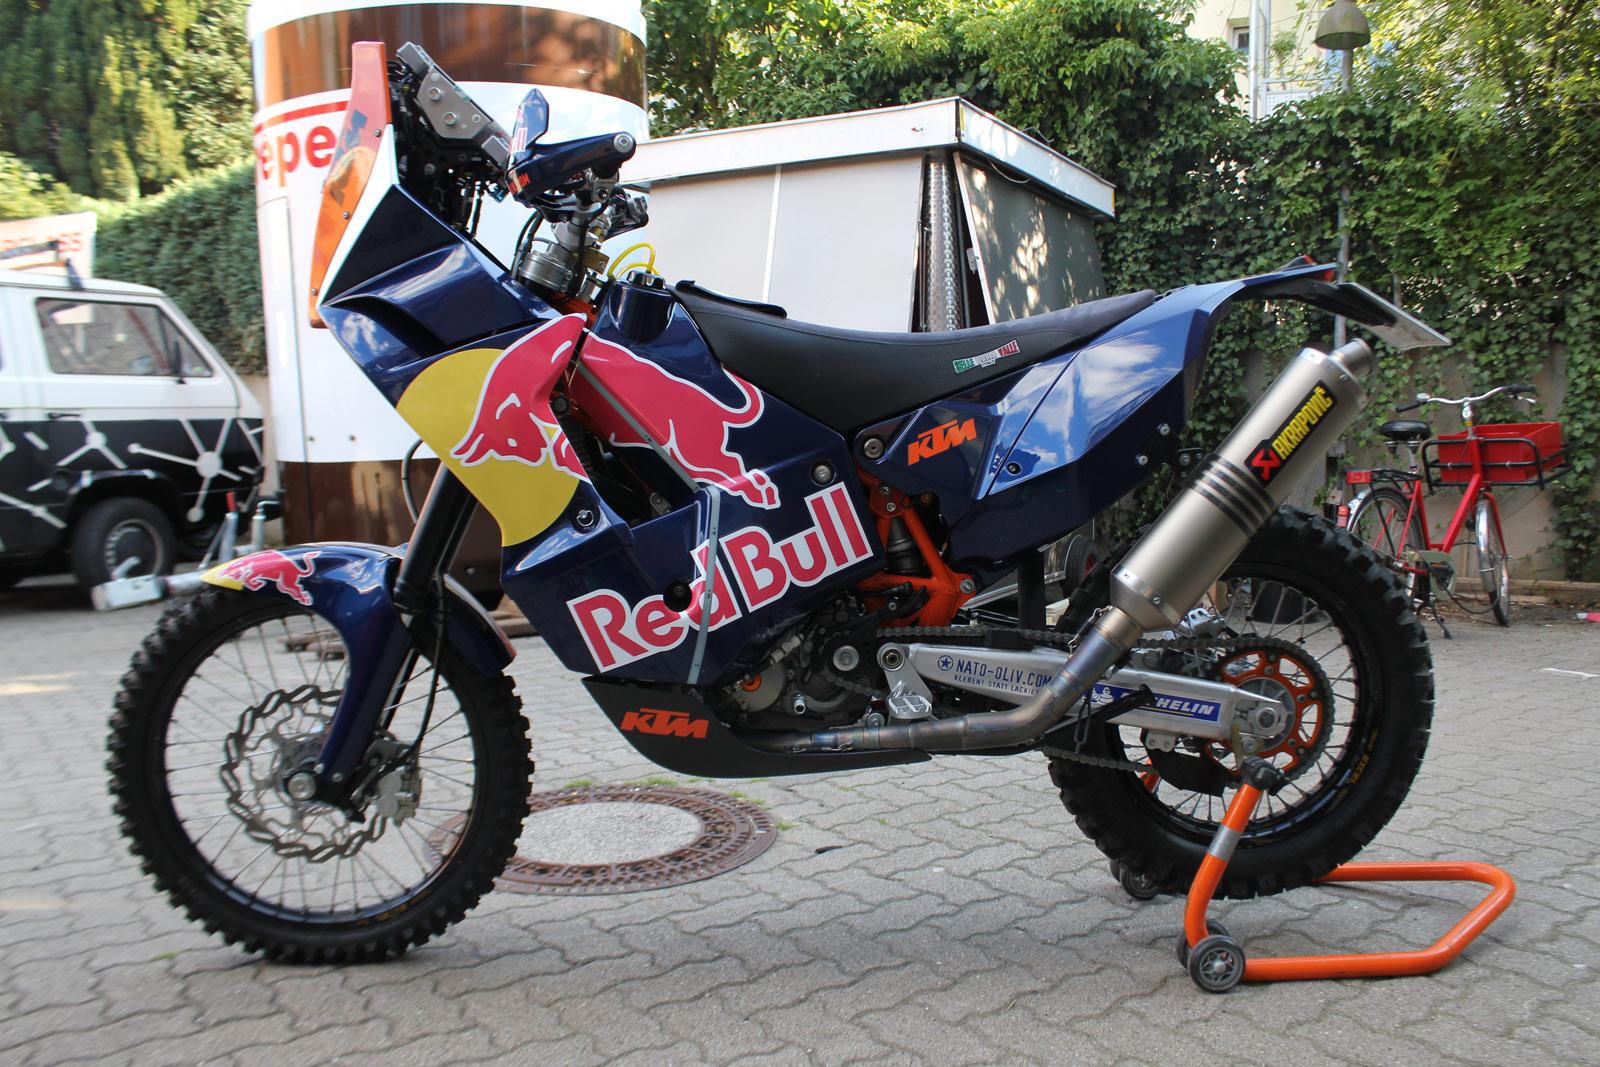 REDBULL_KTM_MOTORRAD_FOLIERUNG_23